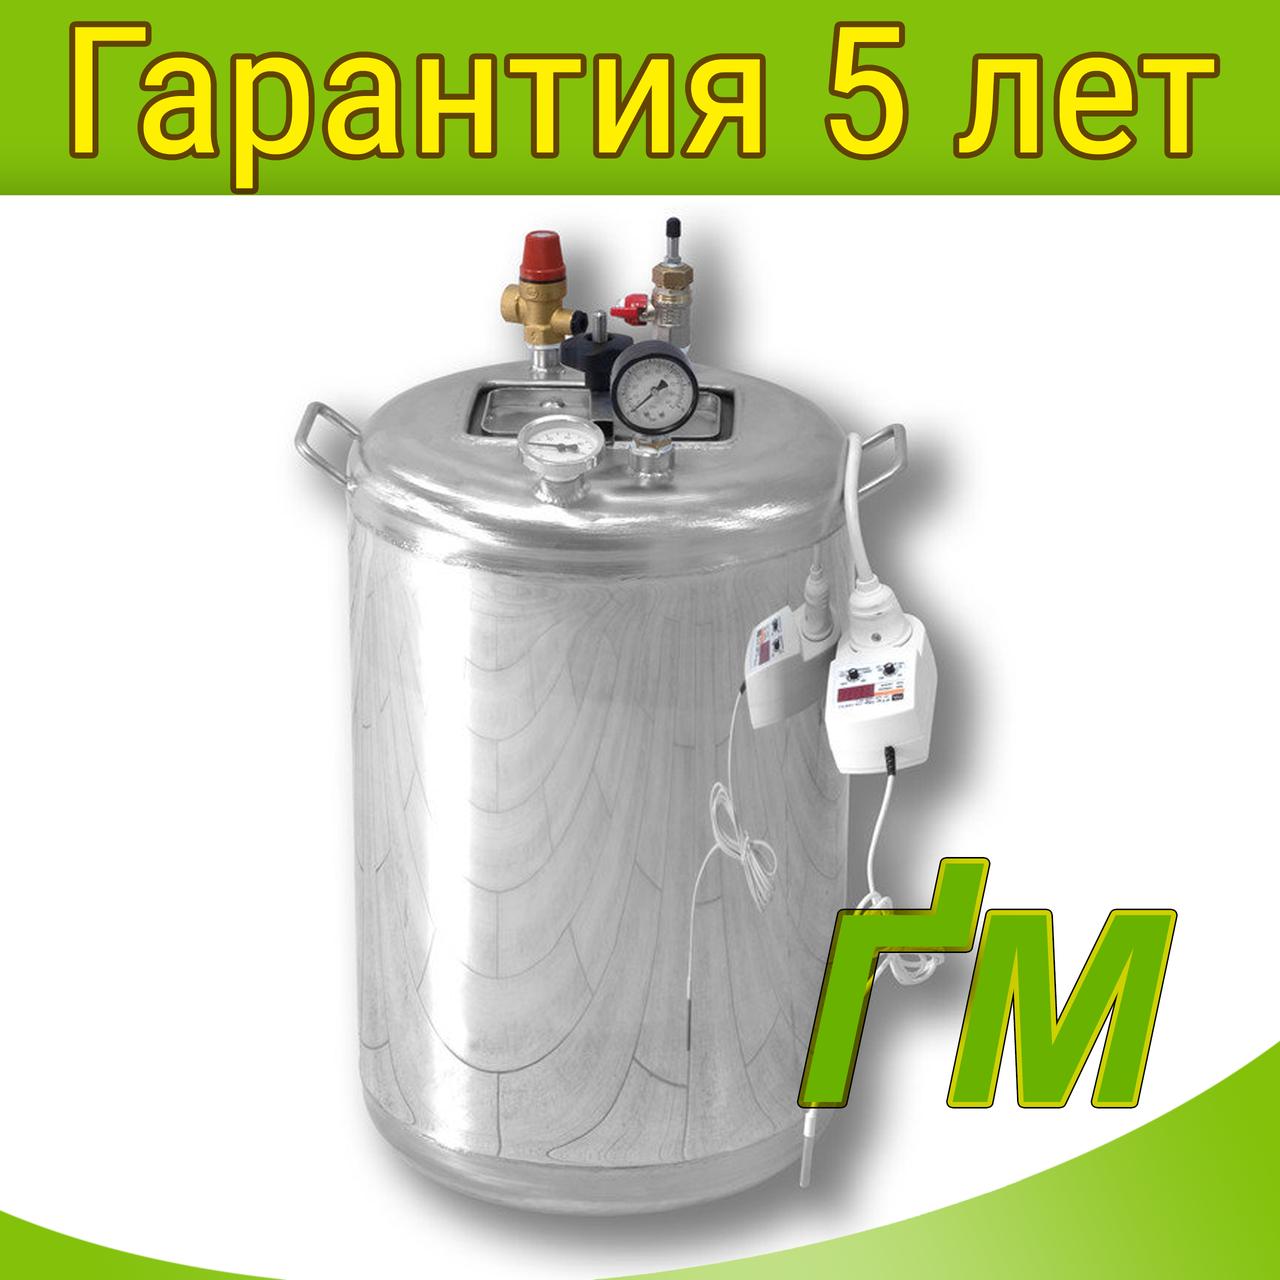 Автоклав ГУД-24 Электро (нержавеющая сталь на 24 банки) + подарок